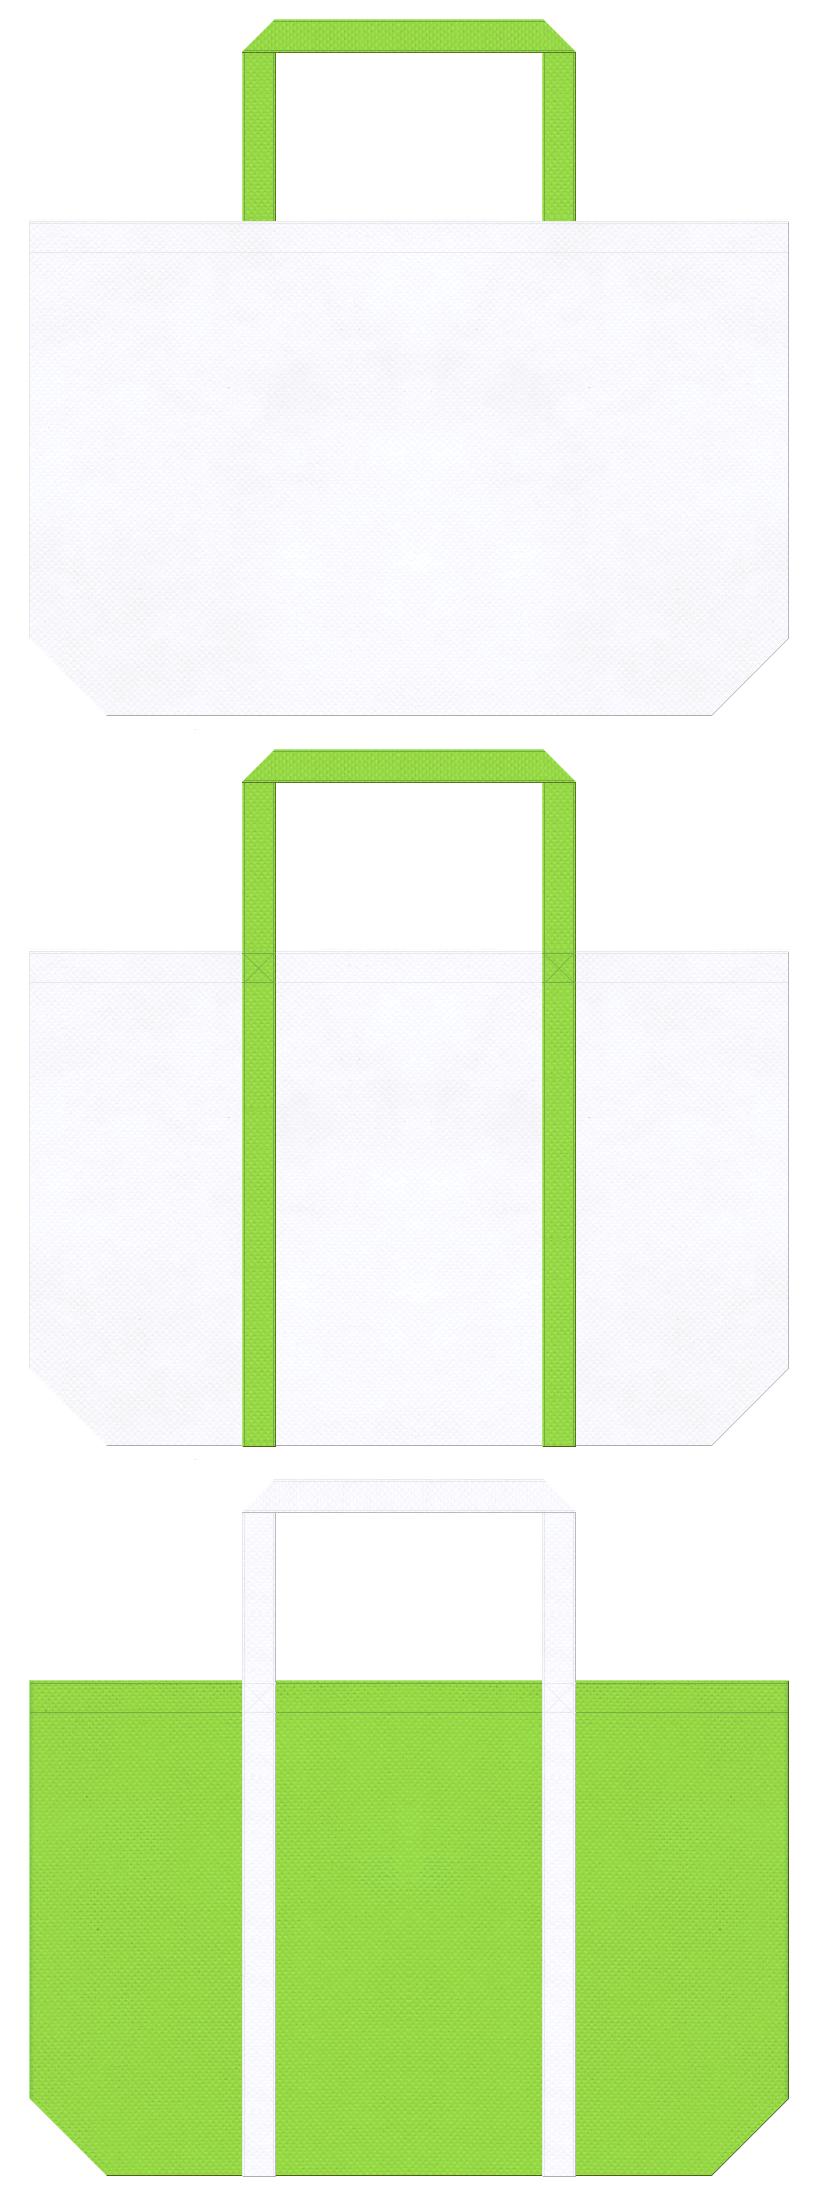 白色と黄緑色の不織布ショッピングバッグデザイン:エコイメージにお奨めの配色です。